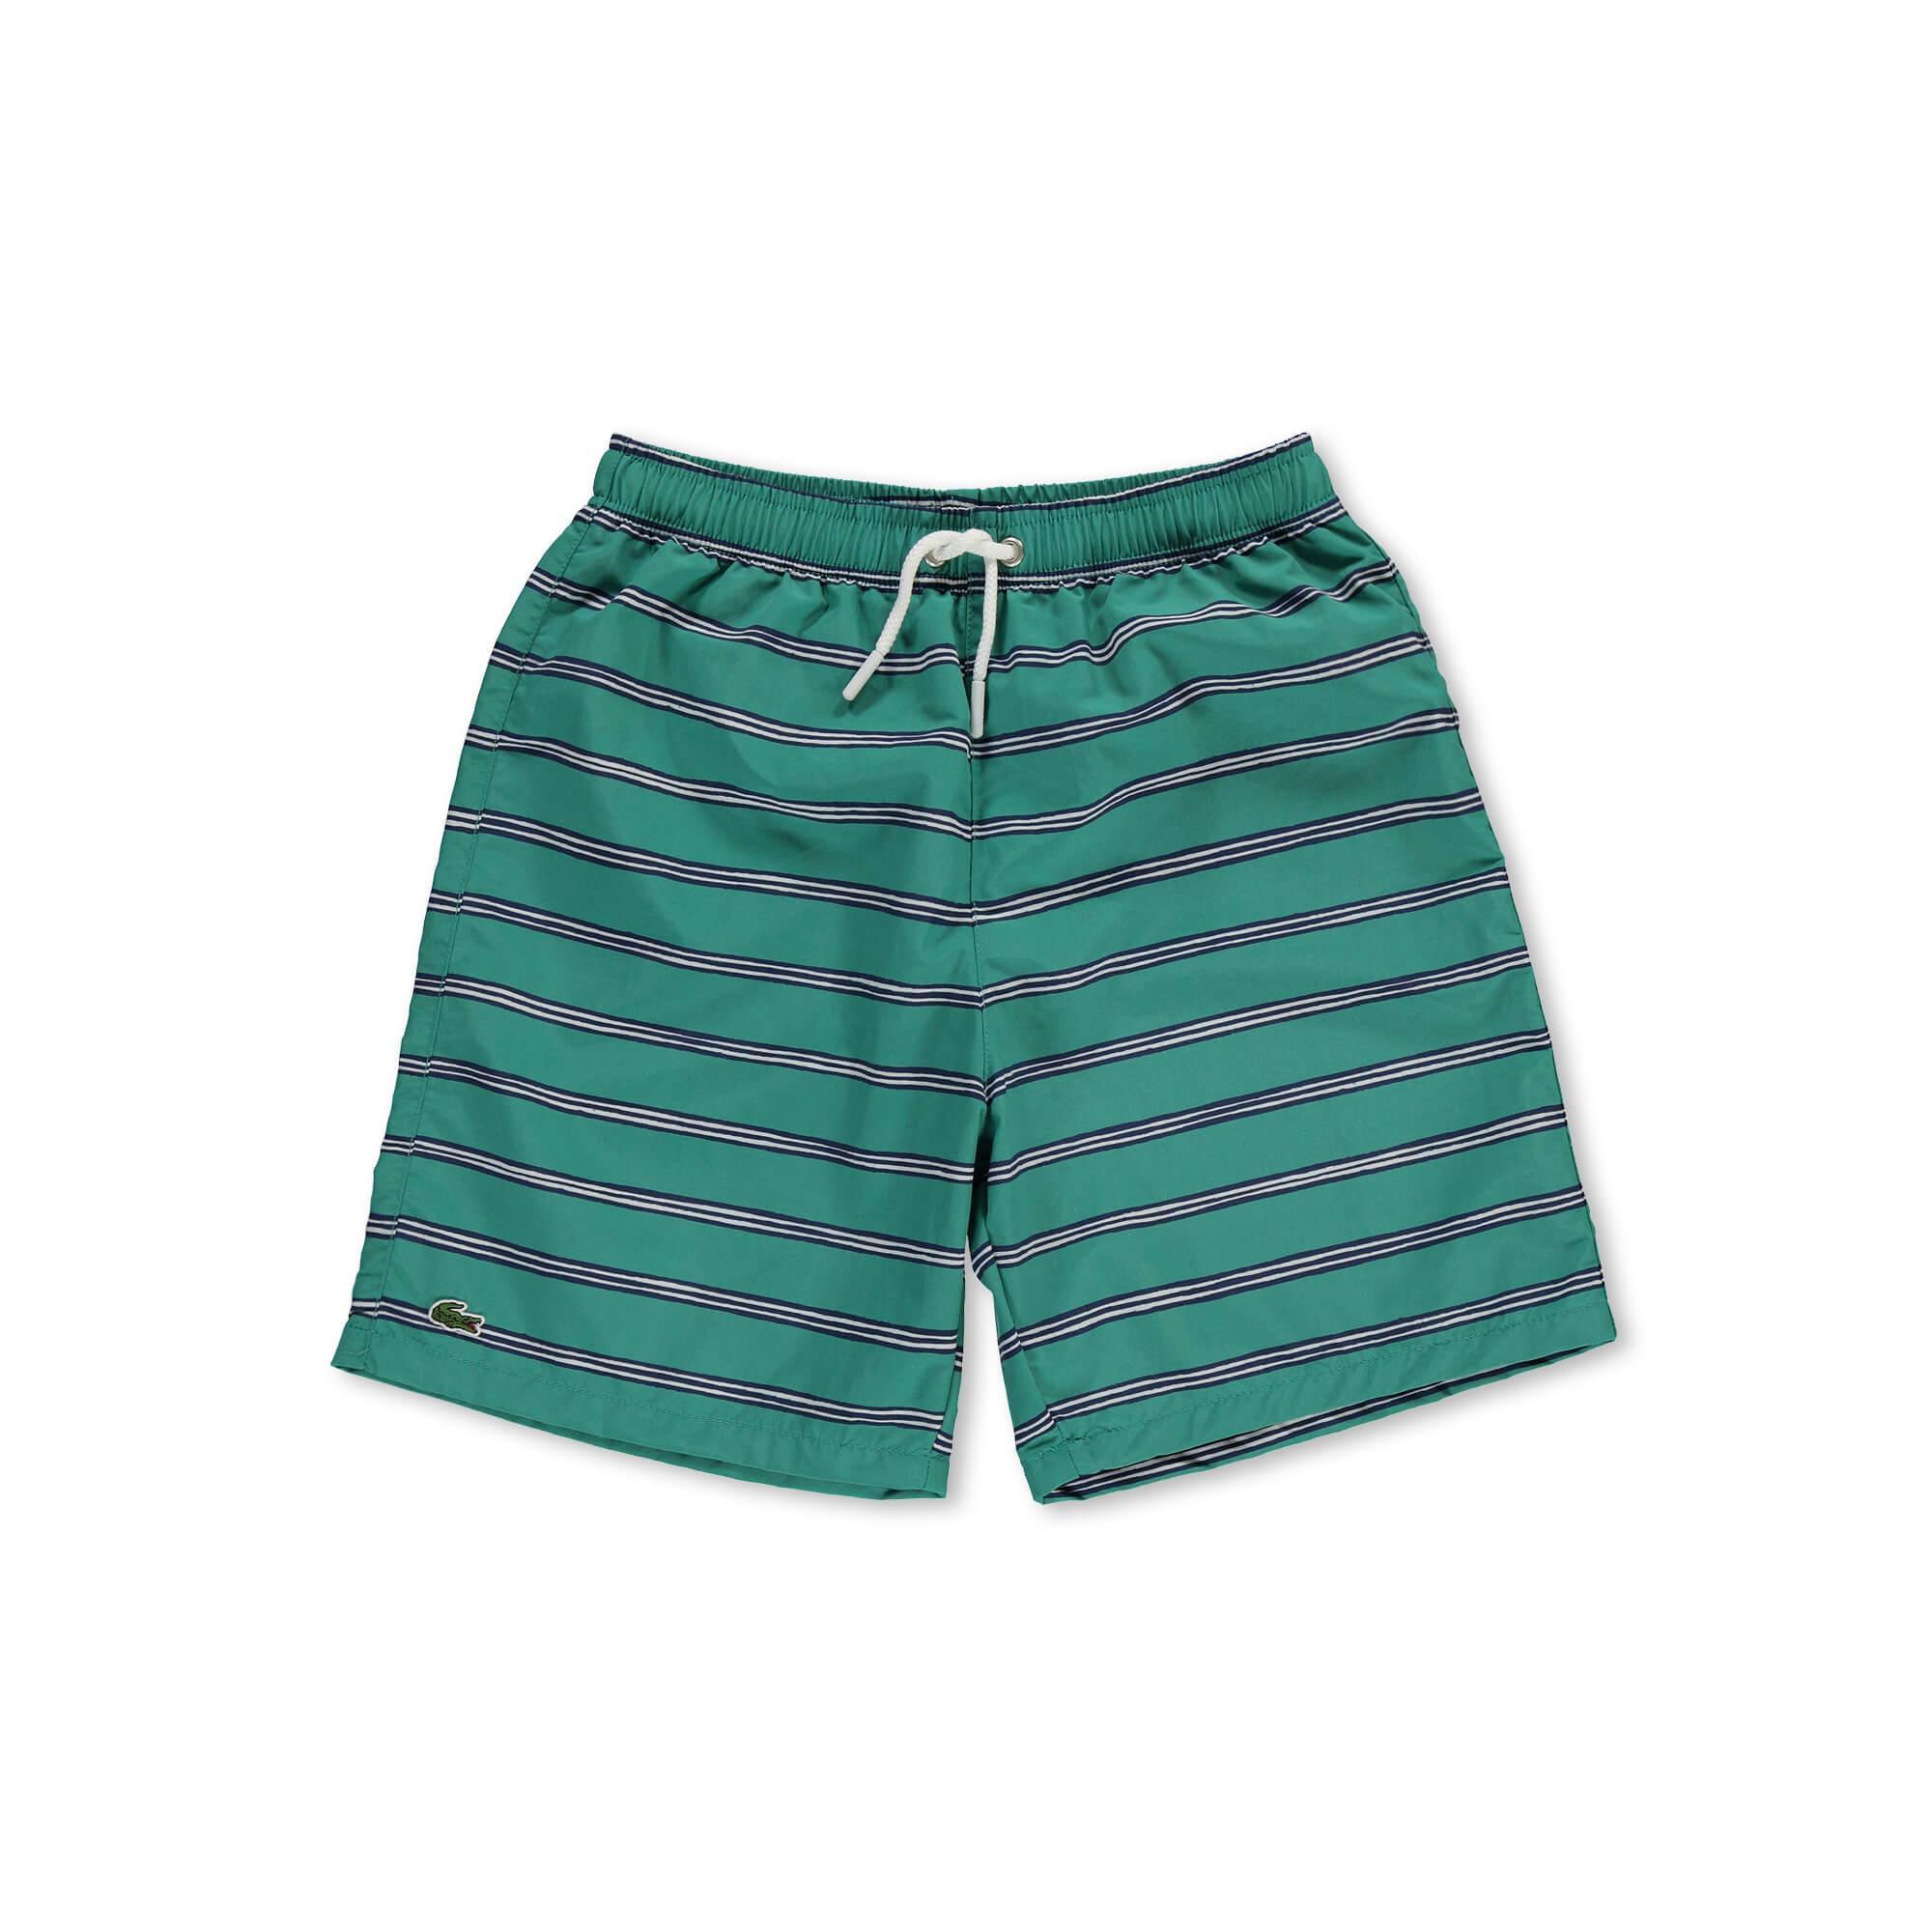 Lacoste Kids' Swimwear